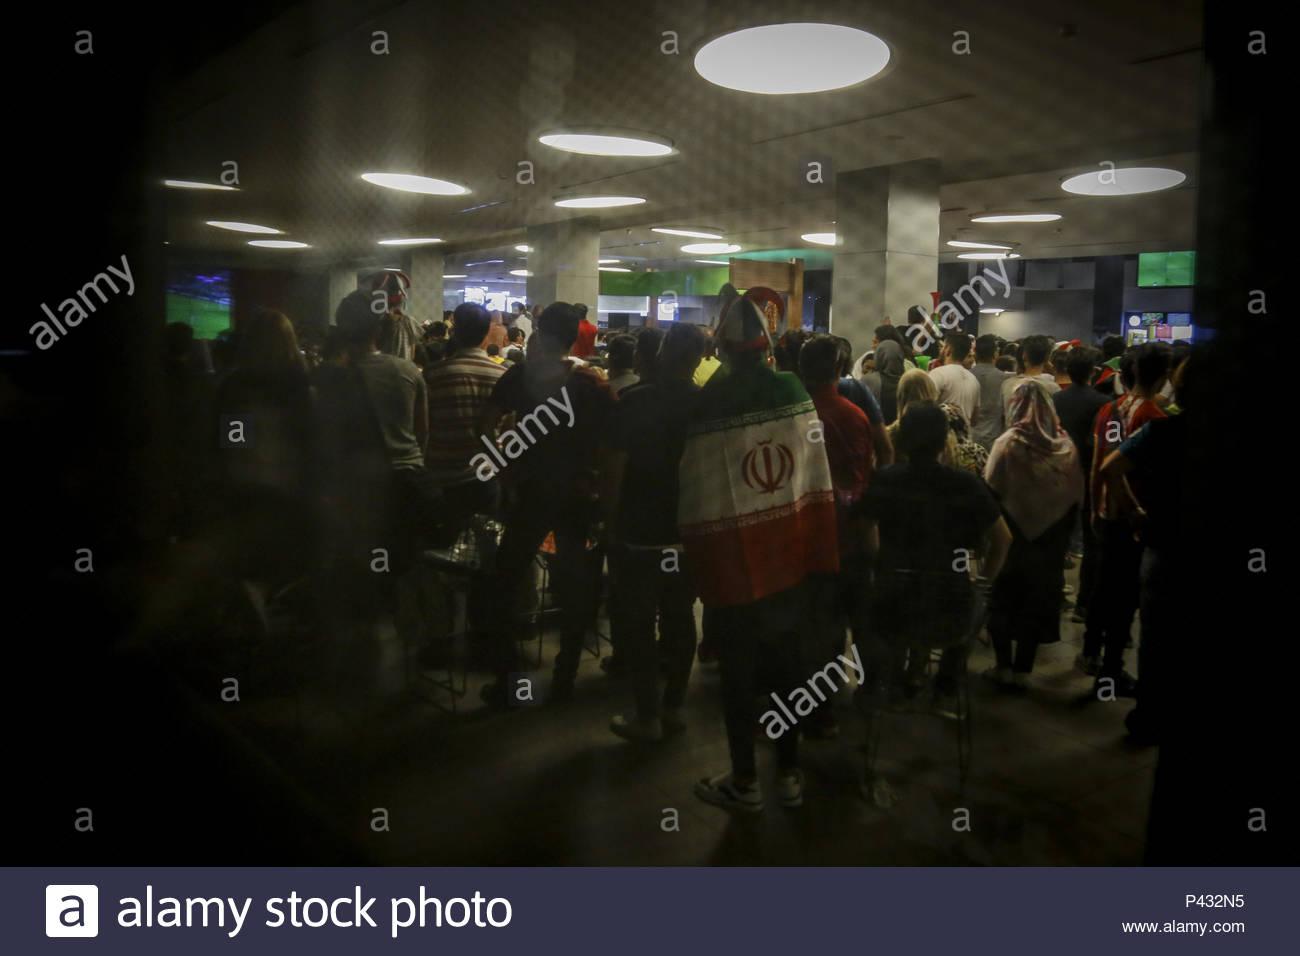 8d1f96d6a2 Os fãs assistir 2018 FIFA World Cup group B match entre o Irão e a Espanha  em Junho 20